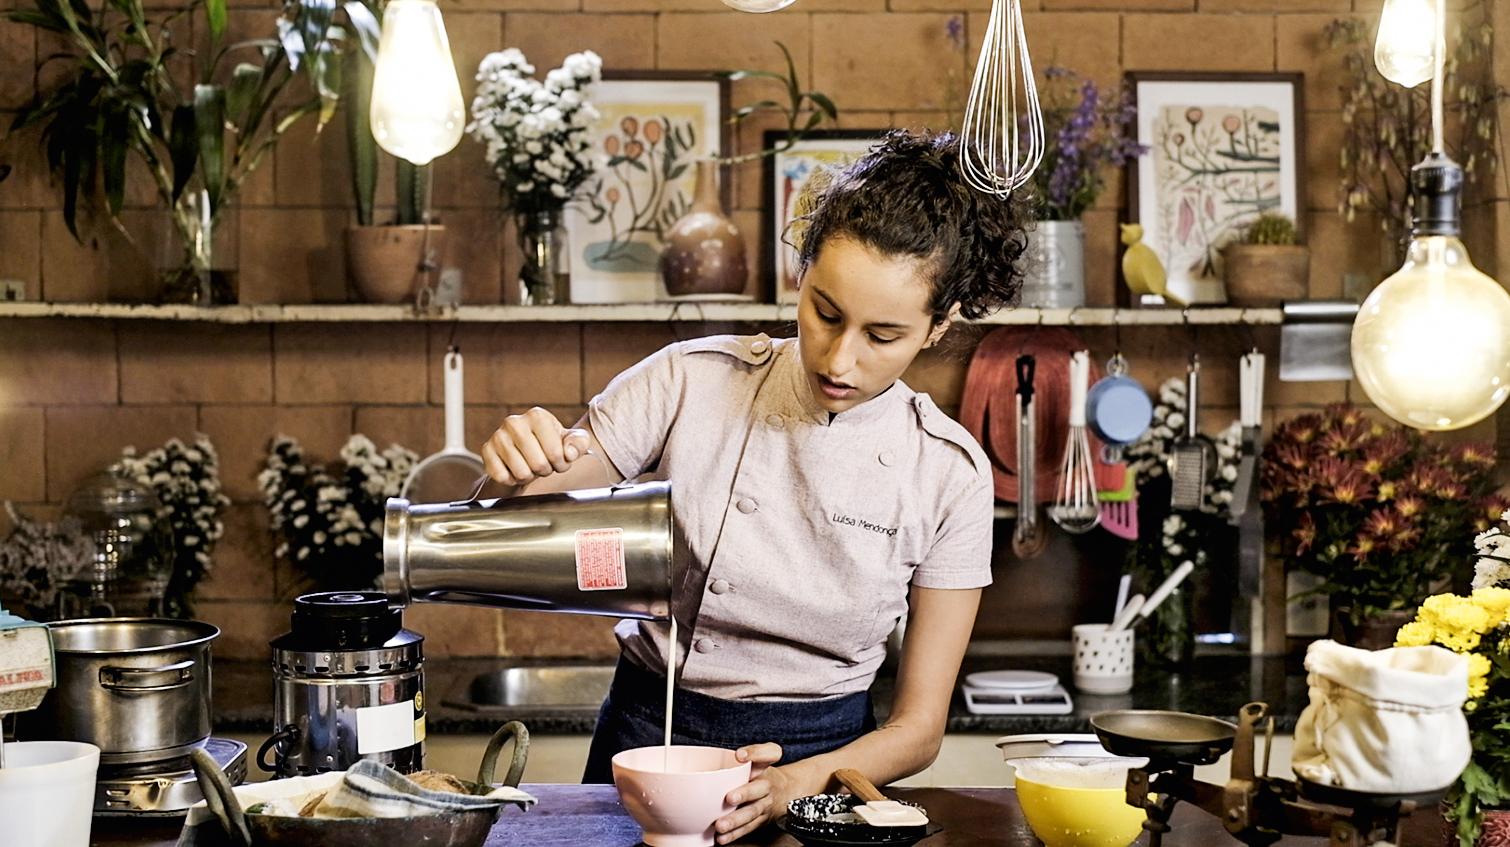 A imagem mostra a confeiteira vegana Luisa Mendonça na cozinha, despejando numa vasilha o leite vegetal que está no copo de um liquidificador